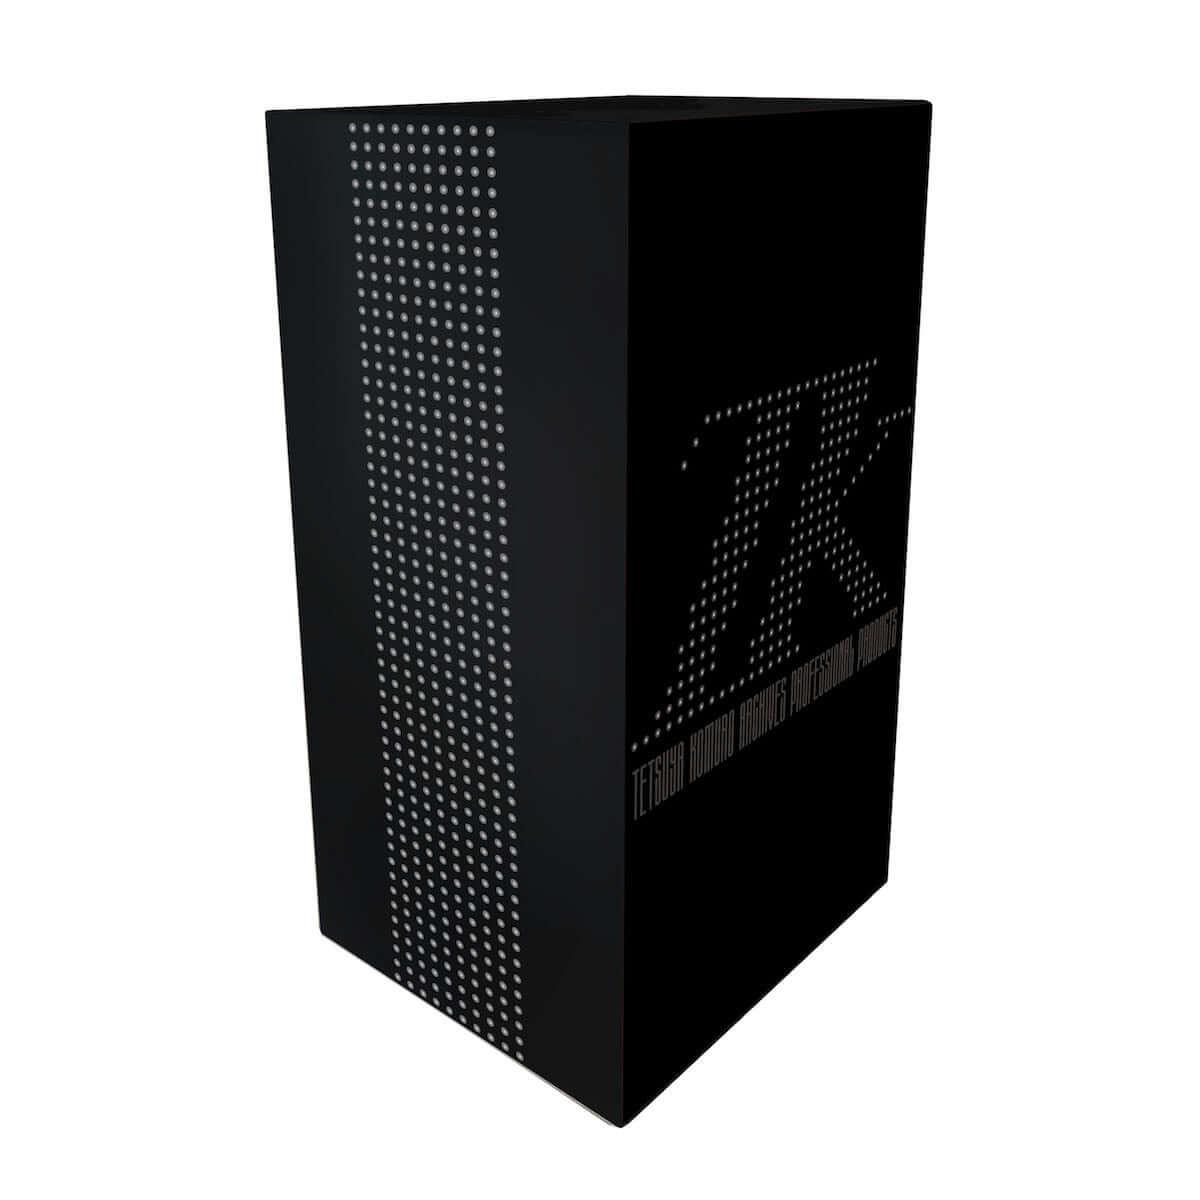 小室哲哉の残した49枚組の作品集BOX、締切今月末まで! music190121-tk-3-1200x1200